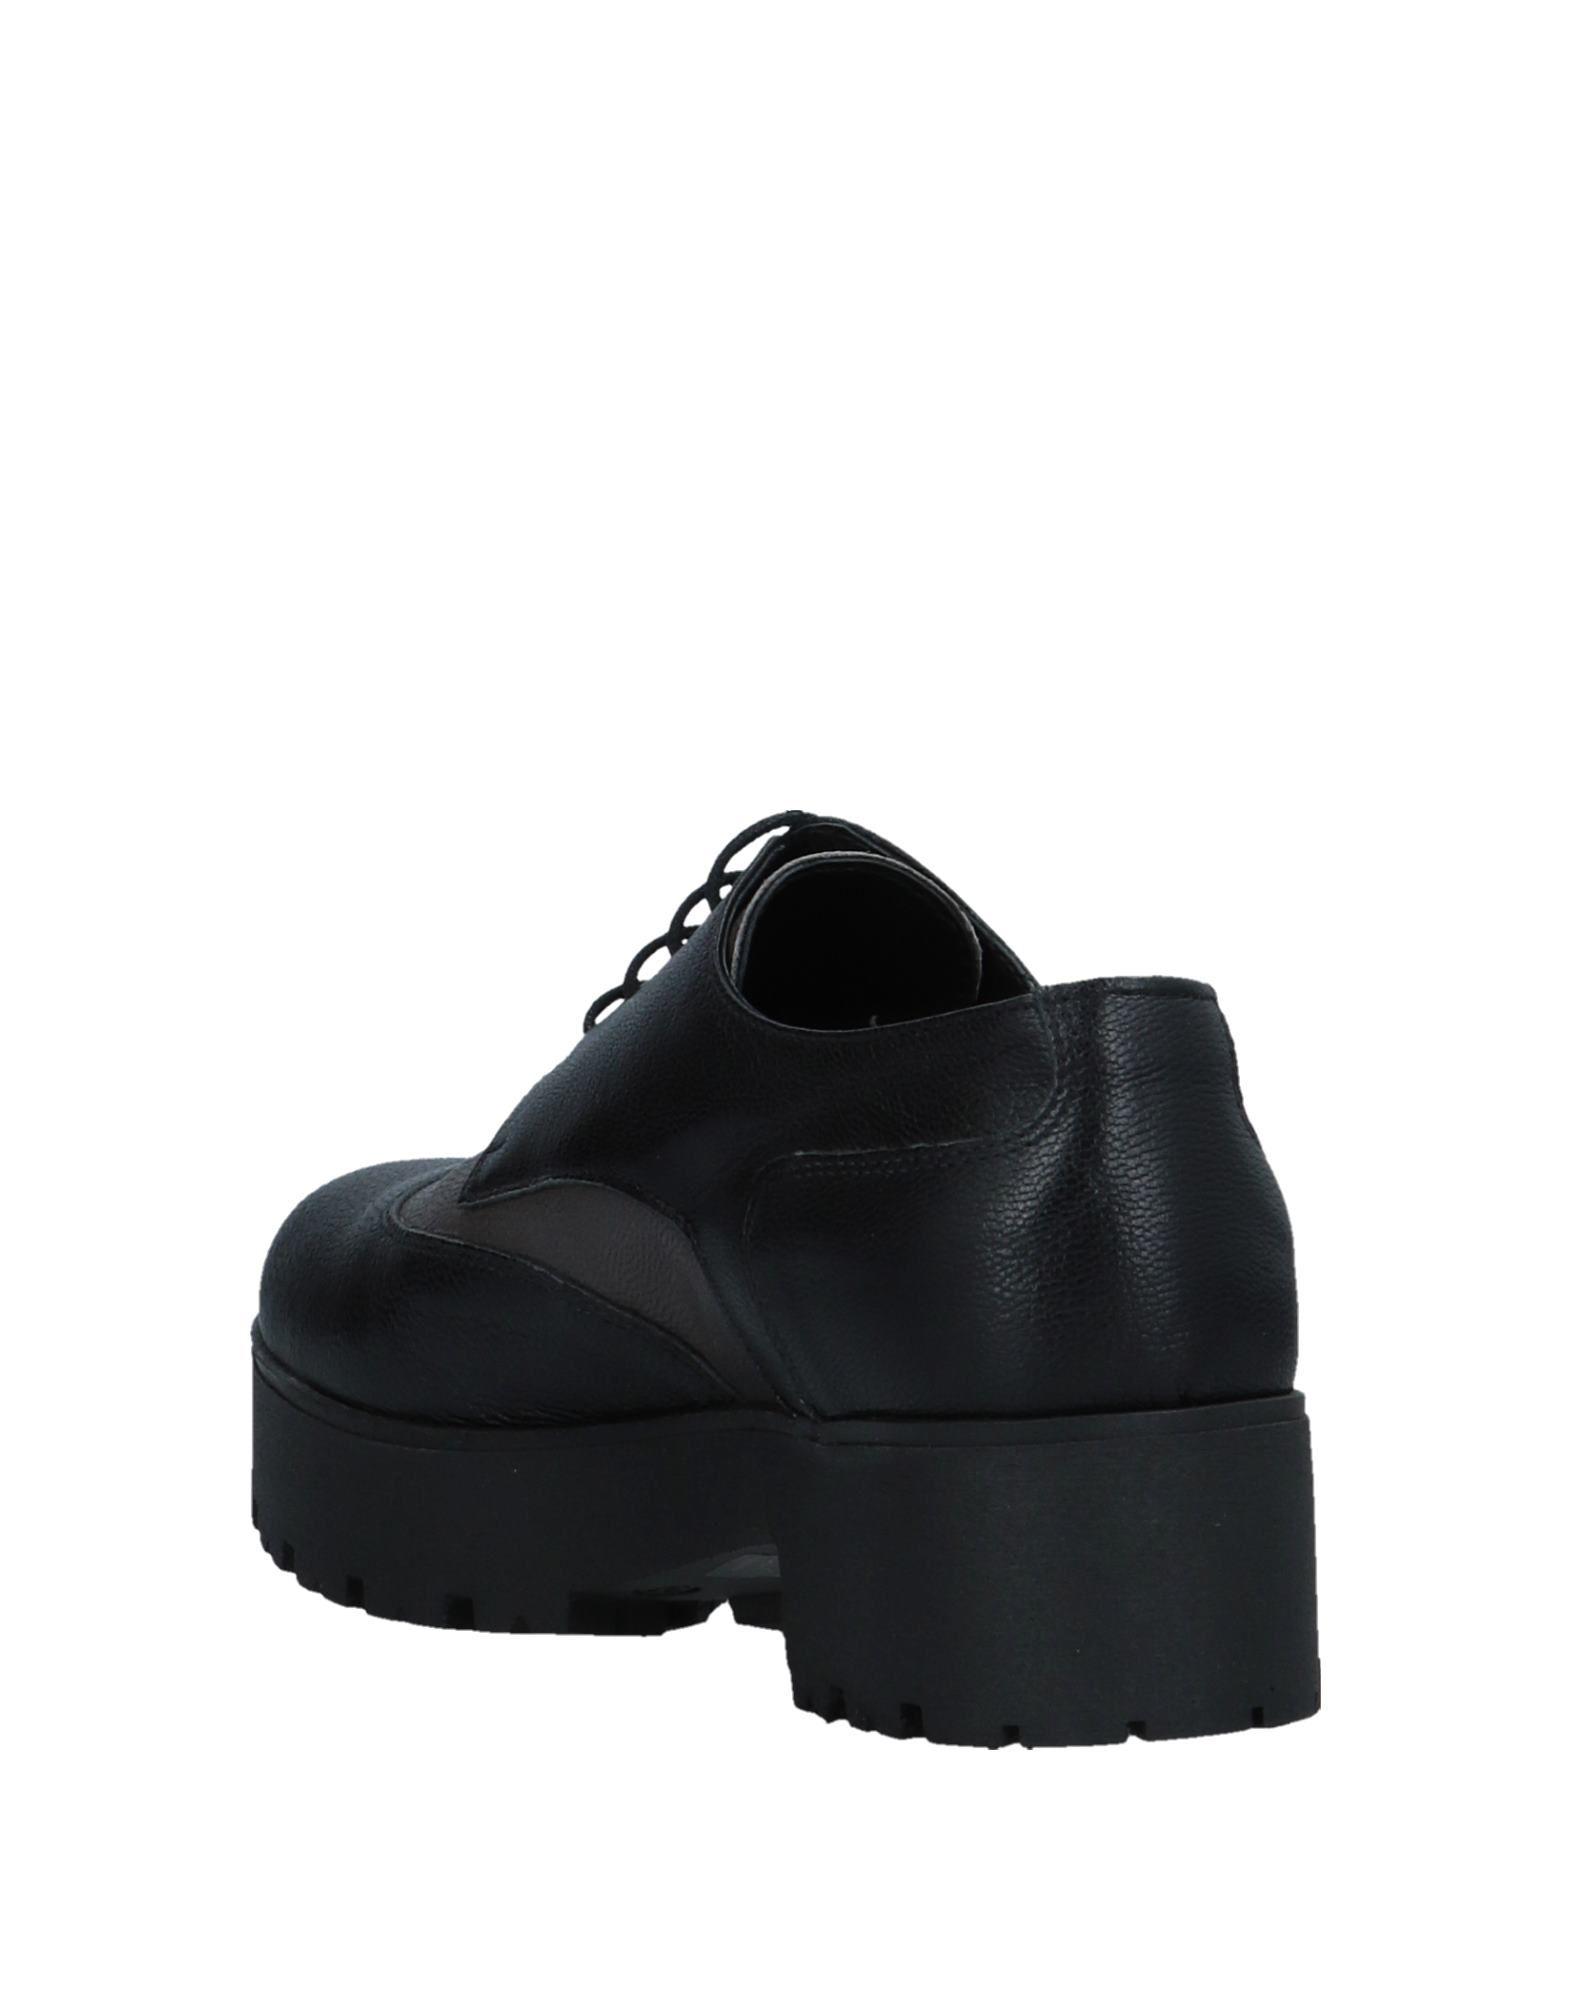 11532592UL Albachiara Schnürschuhe Damen  11532592UL  Heiße Schuhe 950688